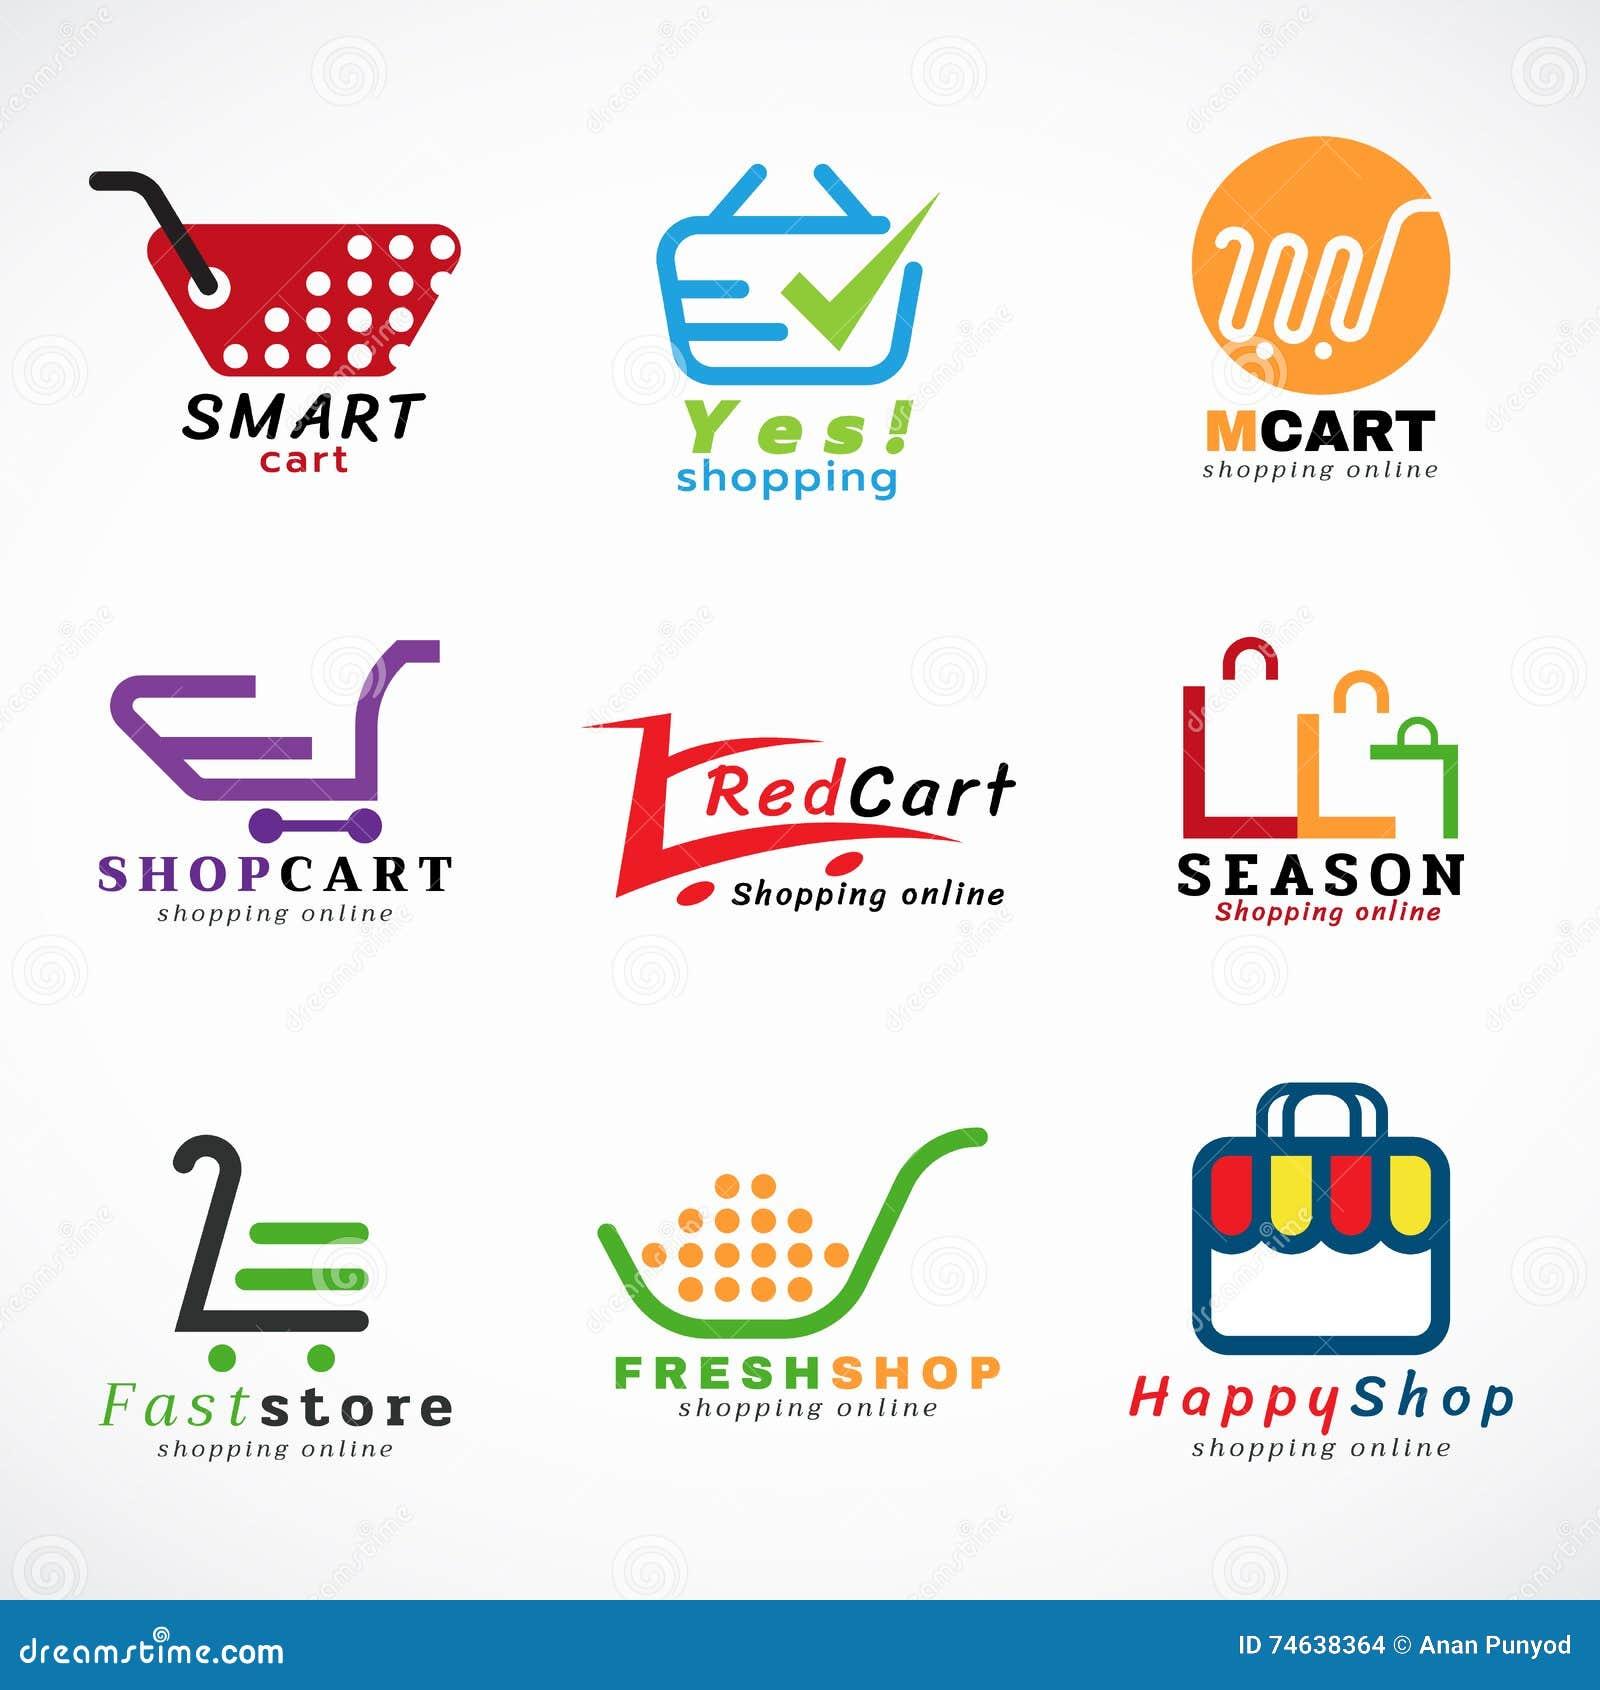 projeto gr fico ajustado do vetor do logotipo do carrinho de compras e do logotipo dos sacos de. Black Bedroom Furniture Sets. Home Design Ideas